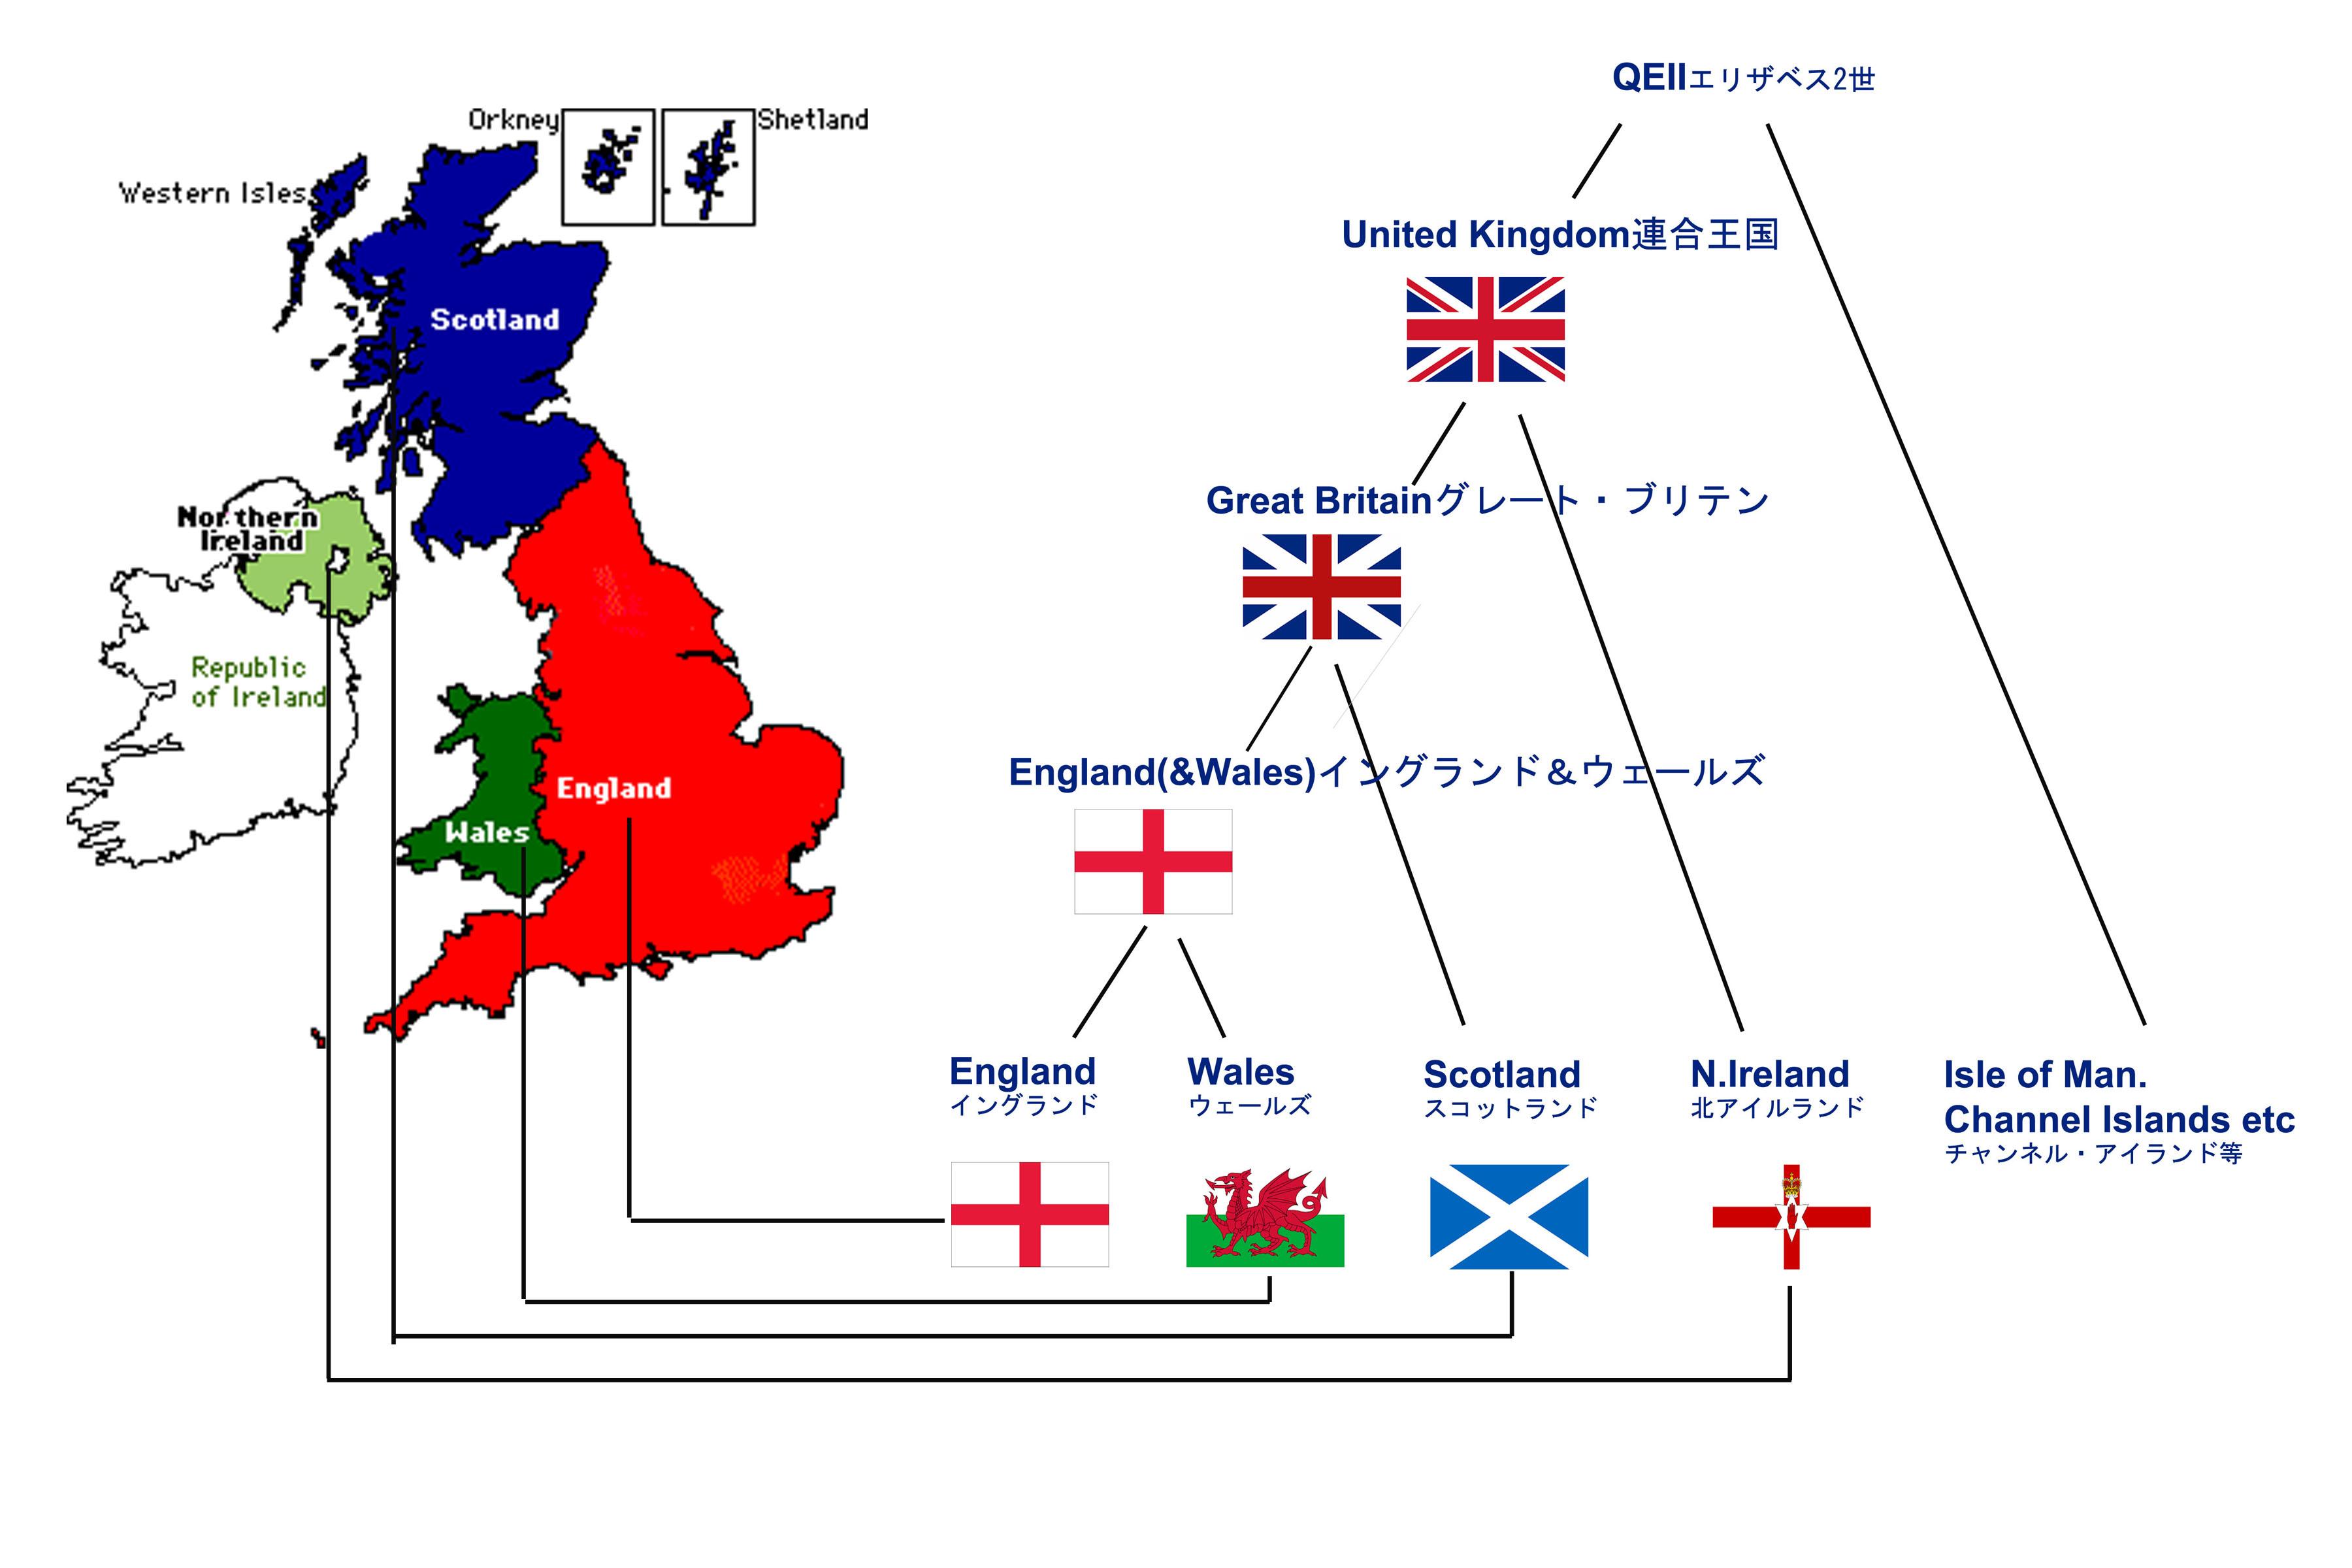 グレート ブリテン 及び 北 アイルランド 連合 王国 イギリスの地理 - Wikipedia